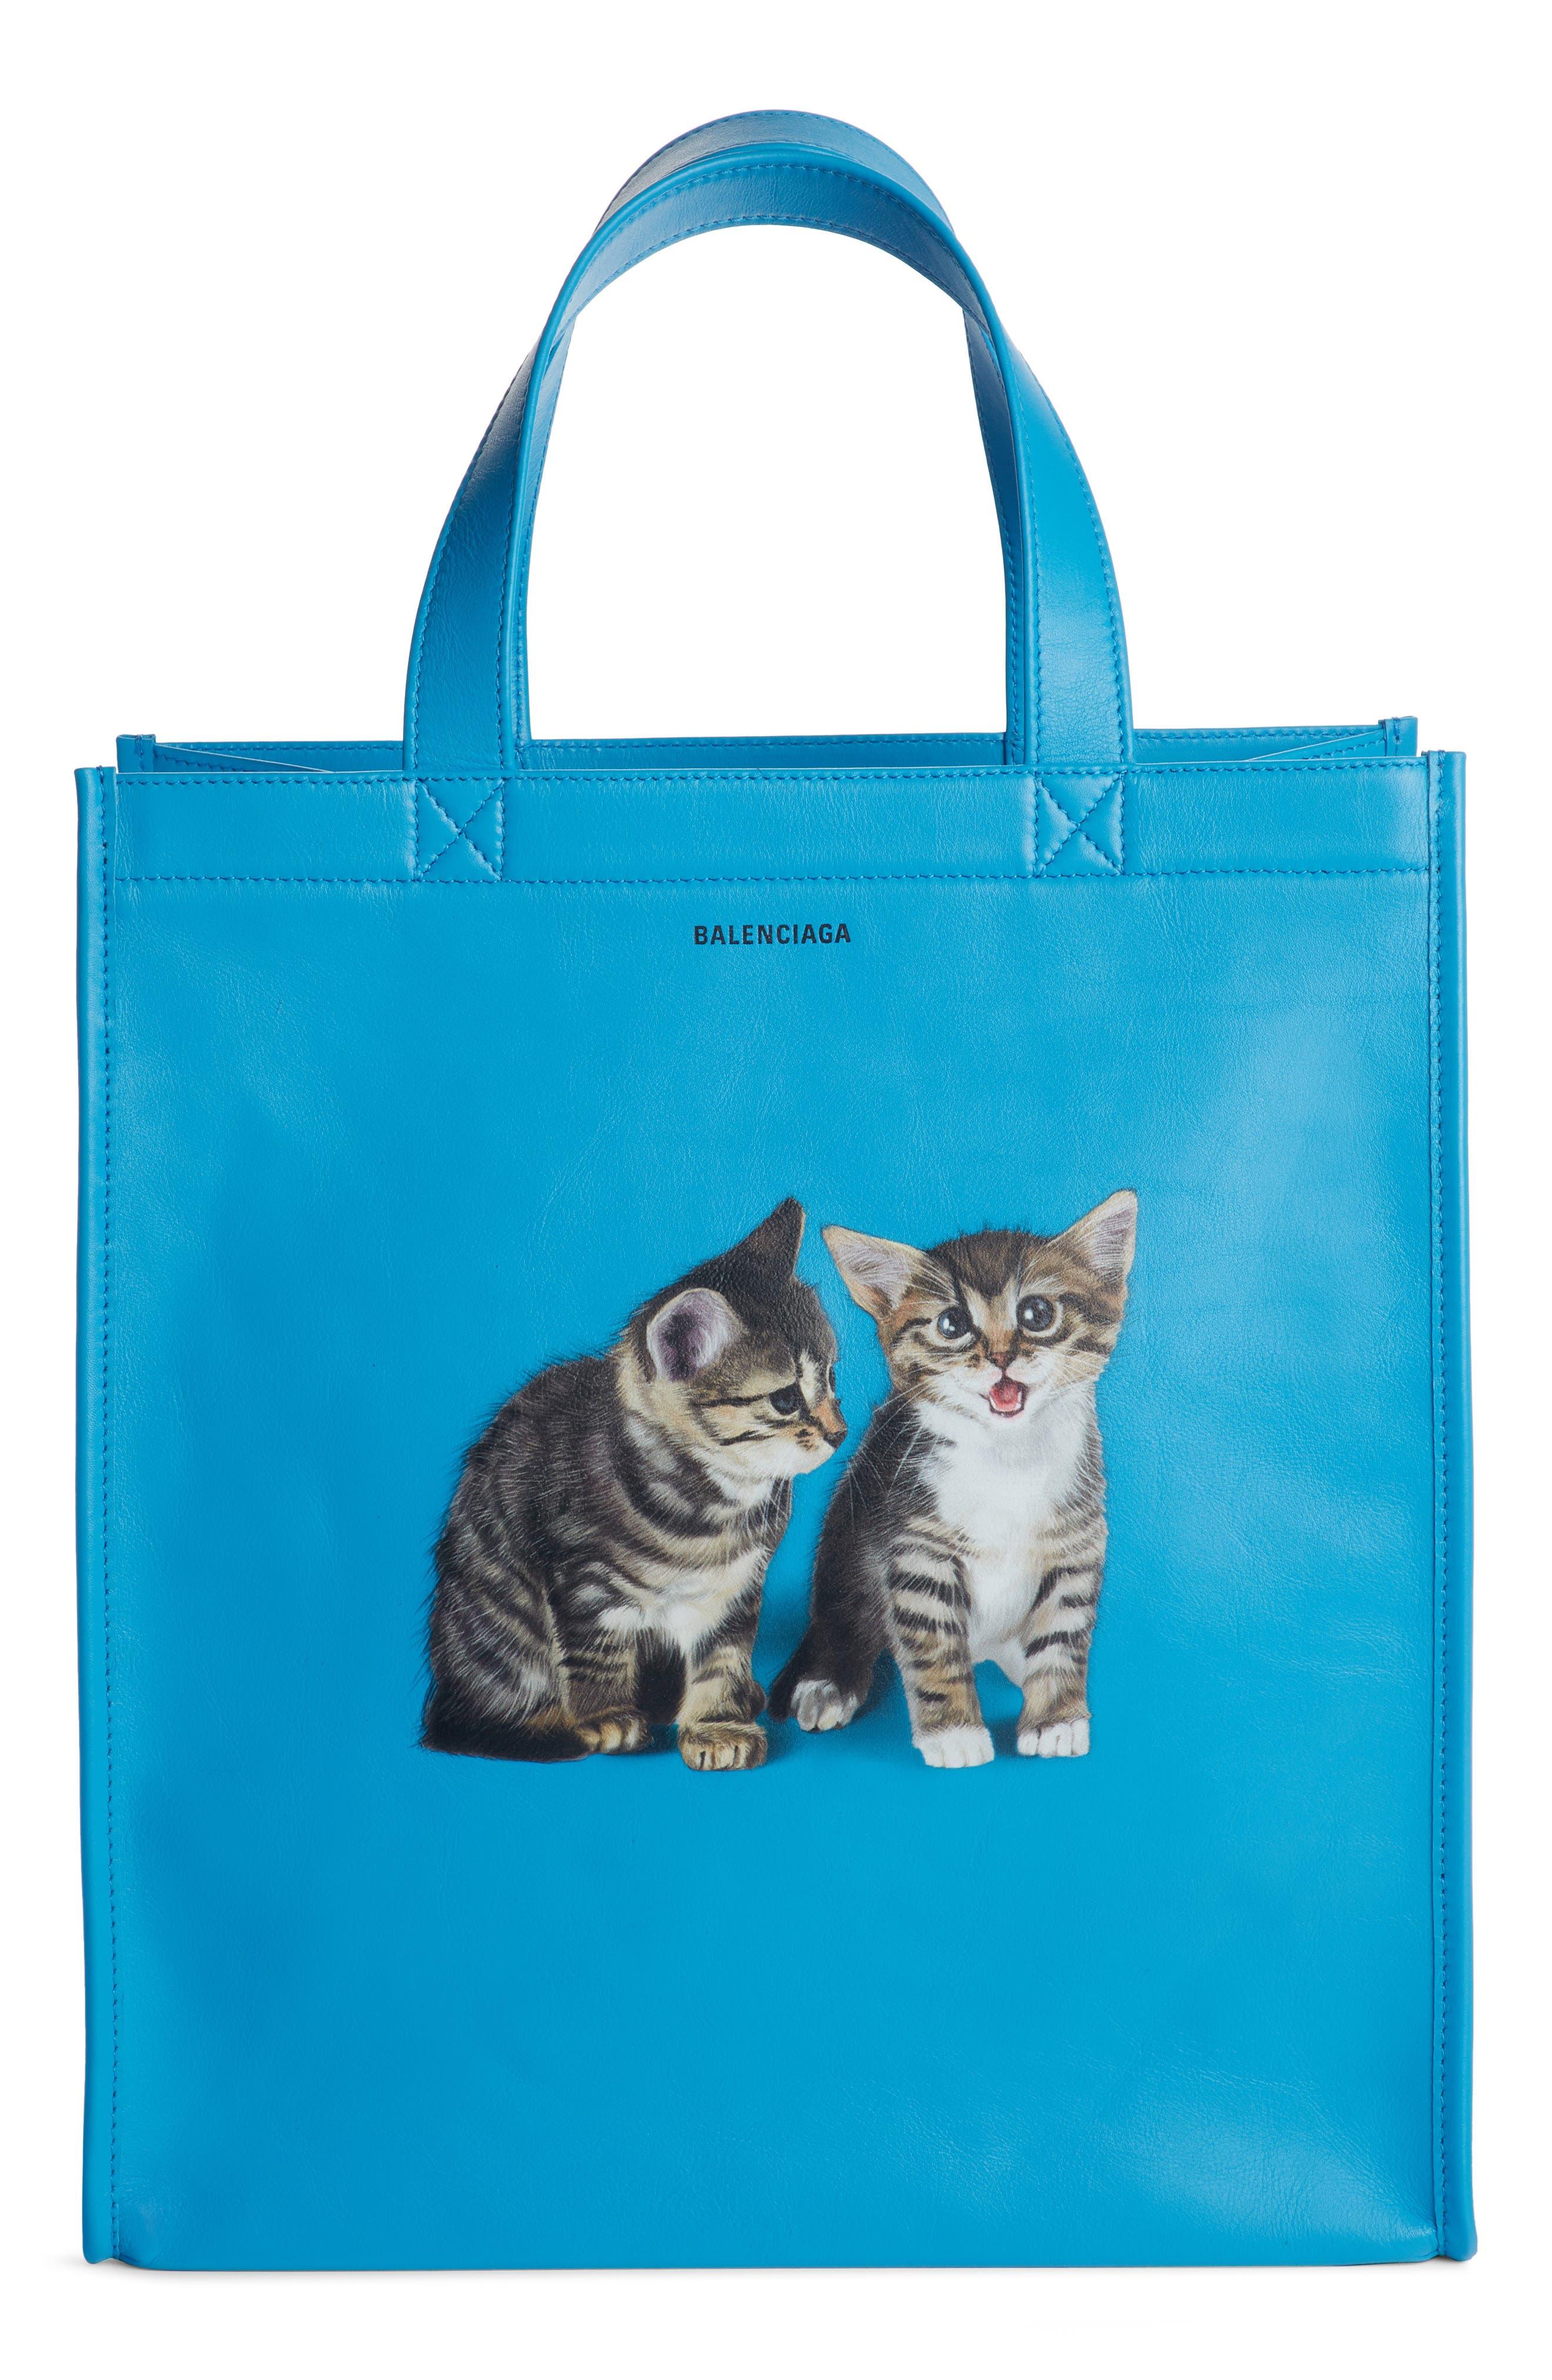 Kittens Market Leather Shopper,                             Main thumbnail 1, color,                             489